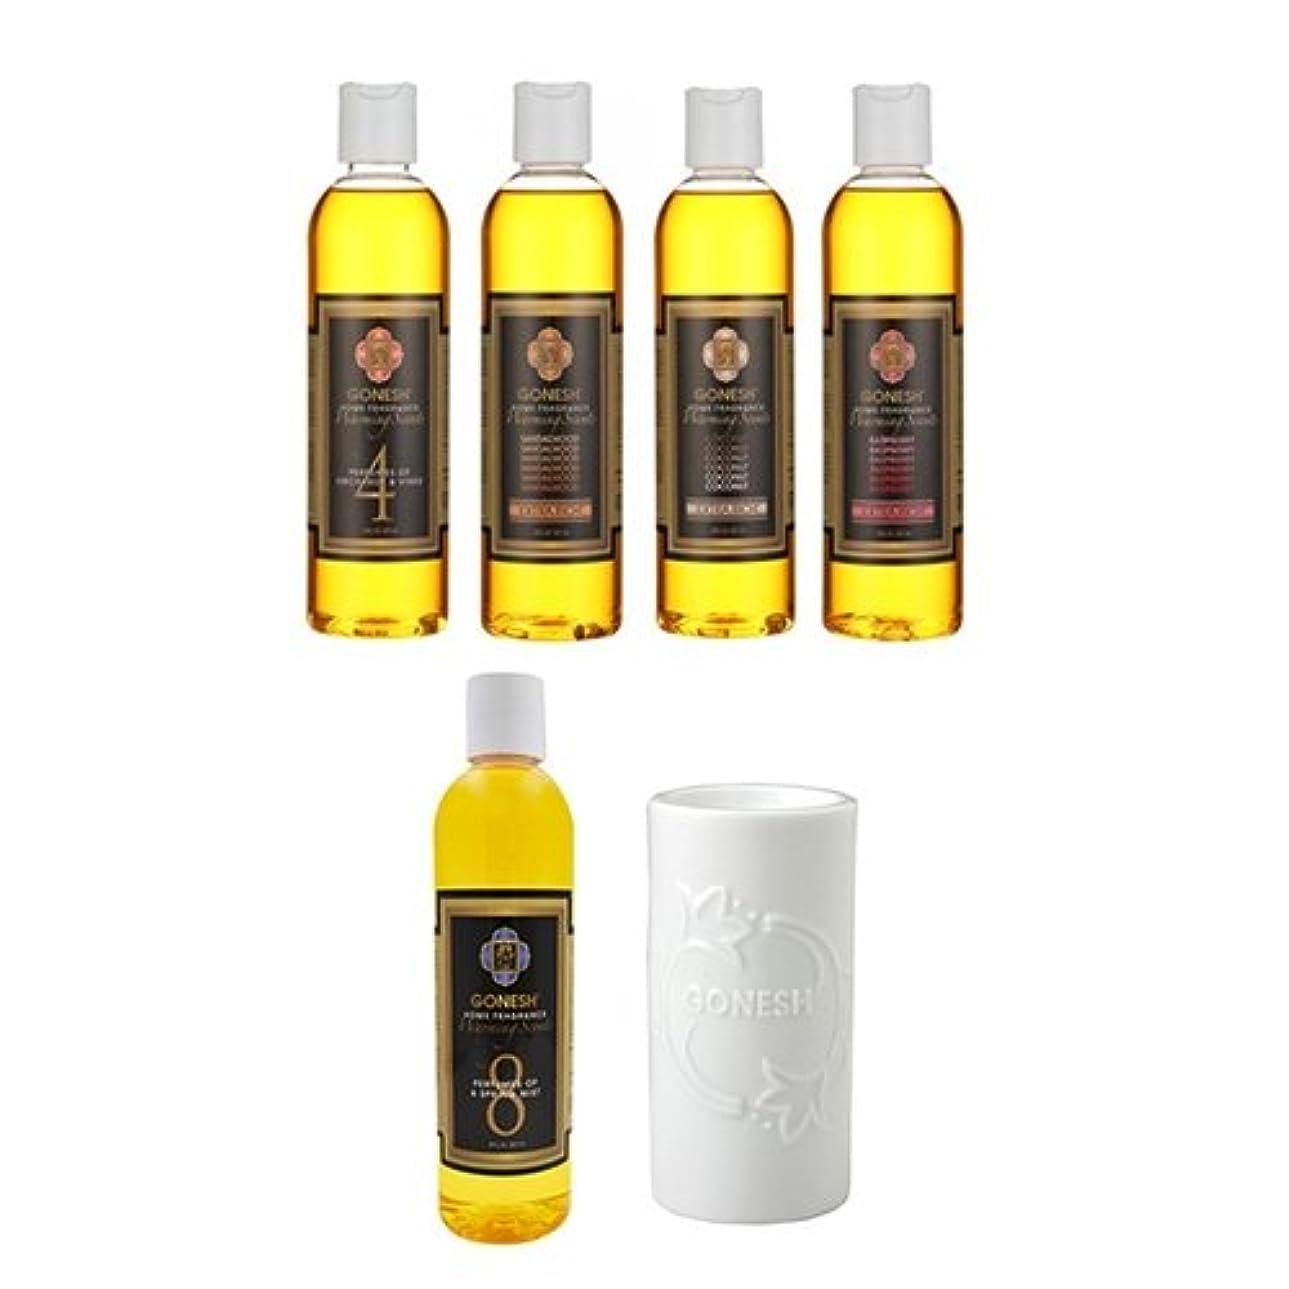 経験リズミカルなメンタルガーネッシュ GONESH ウォーミングセント5つ(No.4、8、COCONUT、RASPBERRY、SANDALWOOD) の香りが楽しめるアロマバーナーセット 日本国内正規品